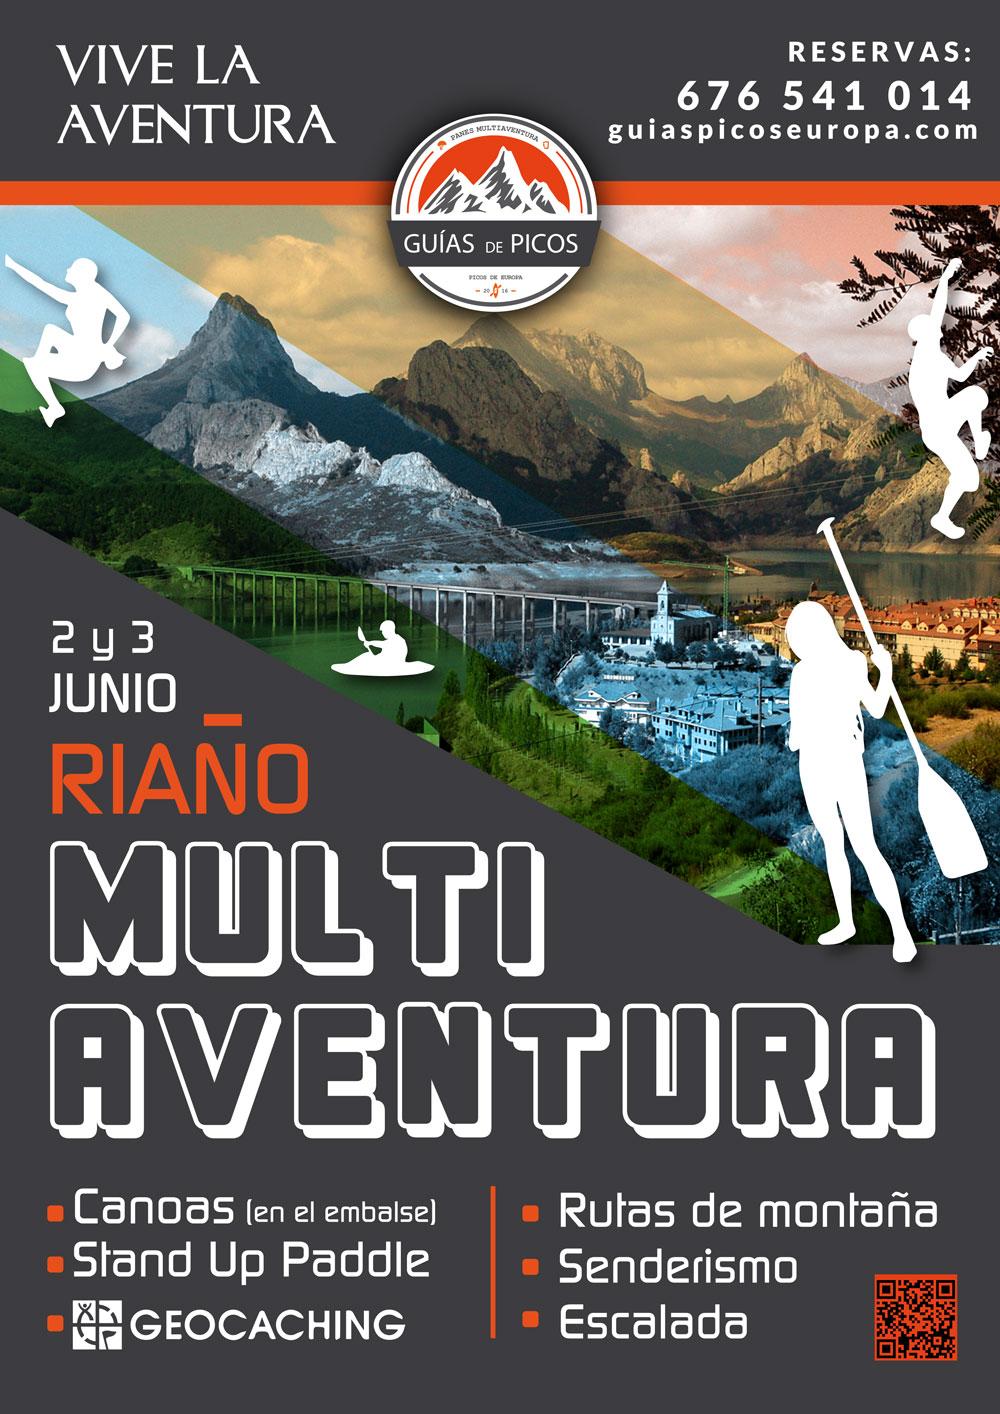 Fin de semana Multiaventura en Riaño, León